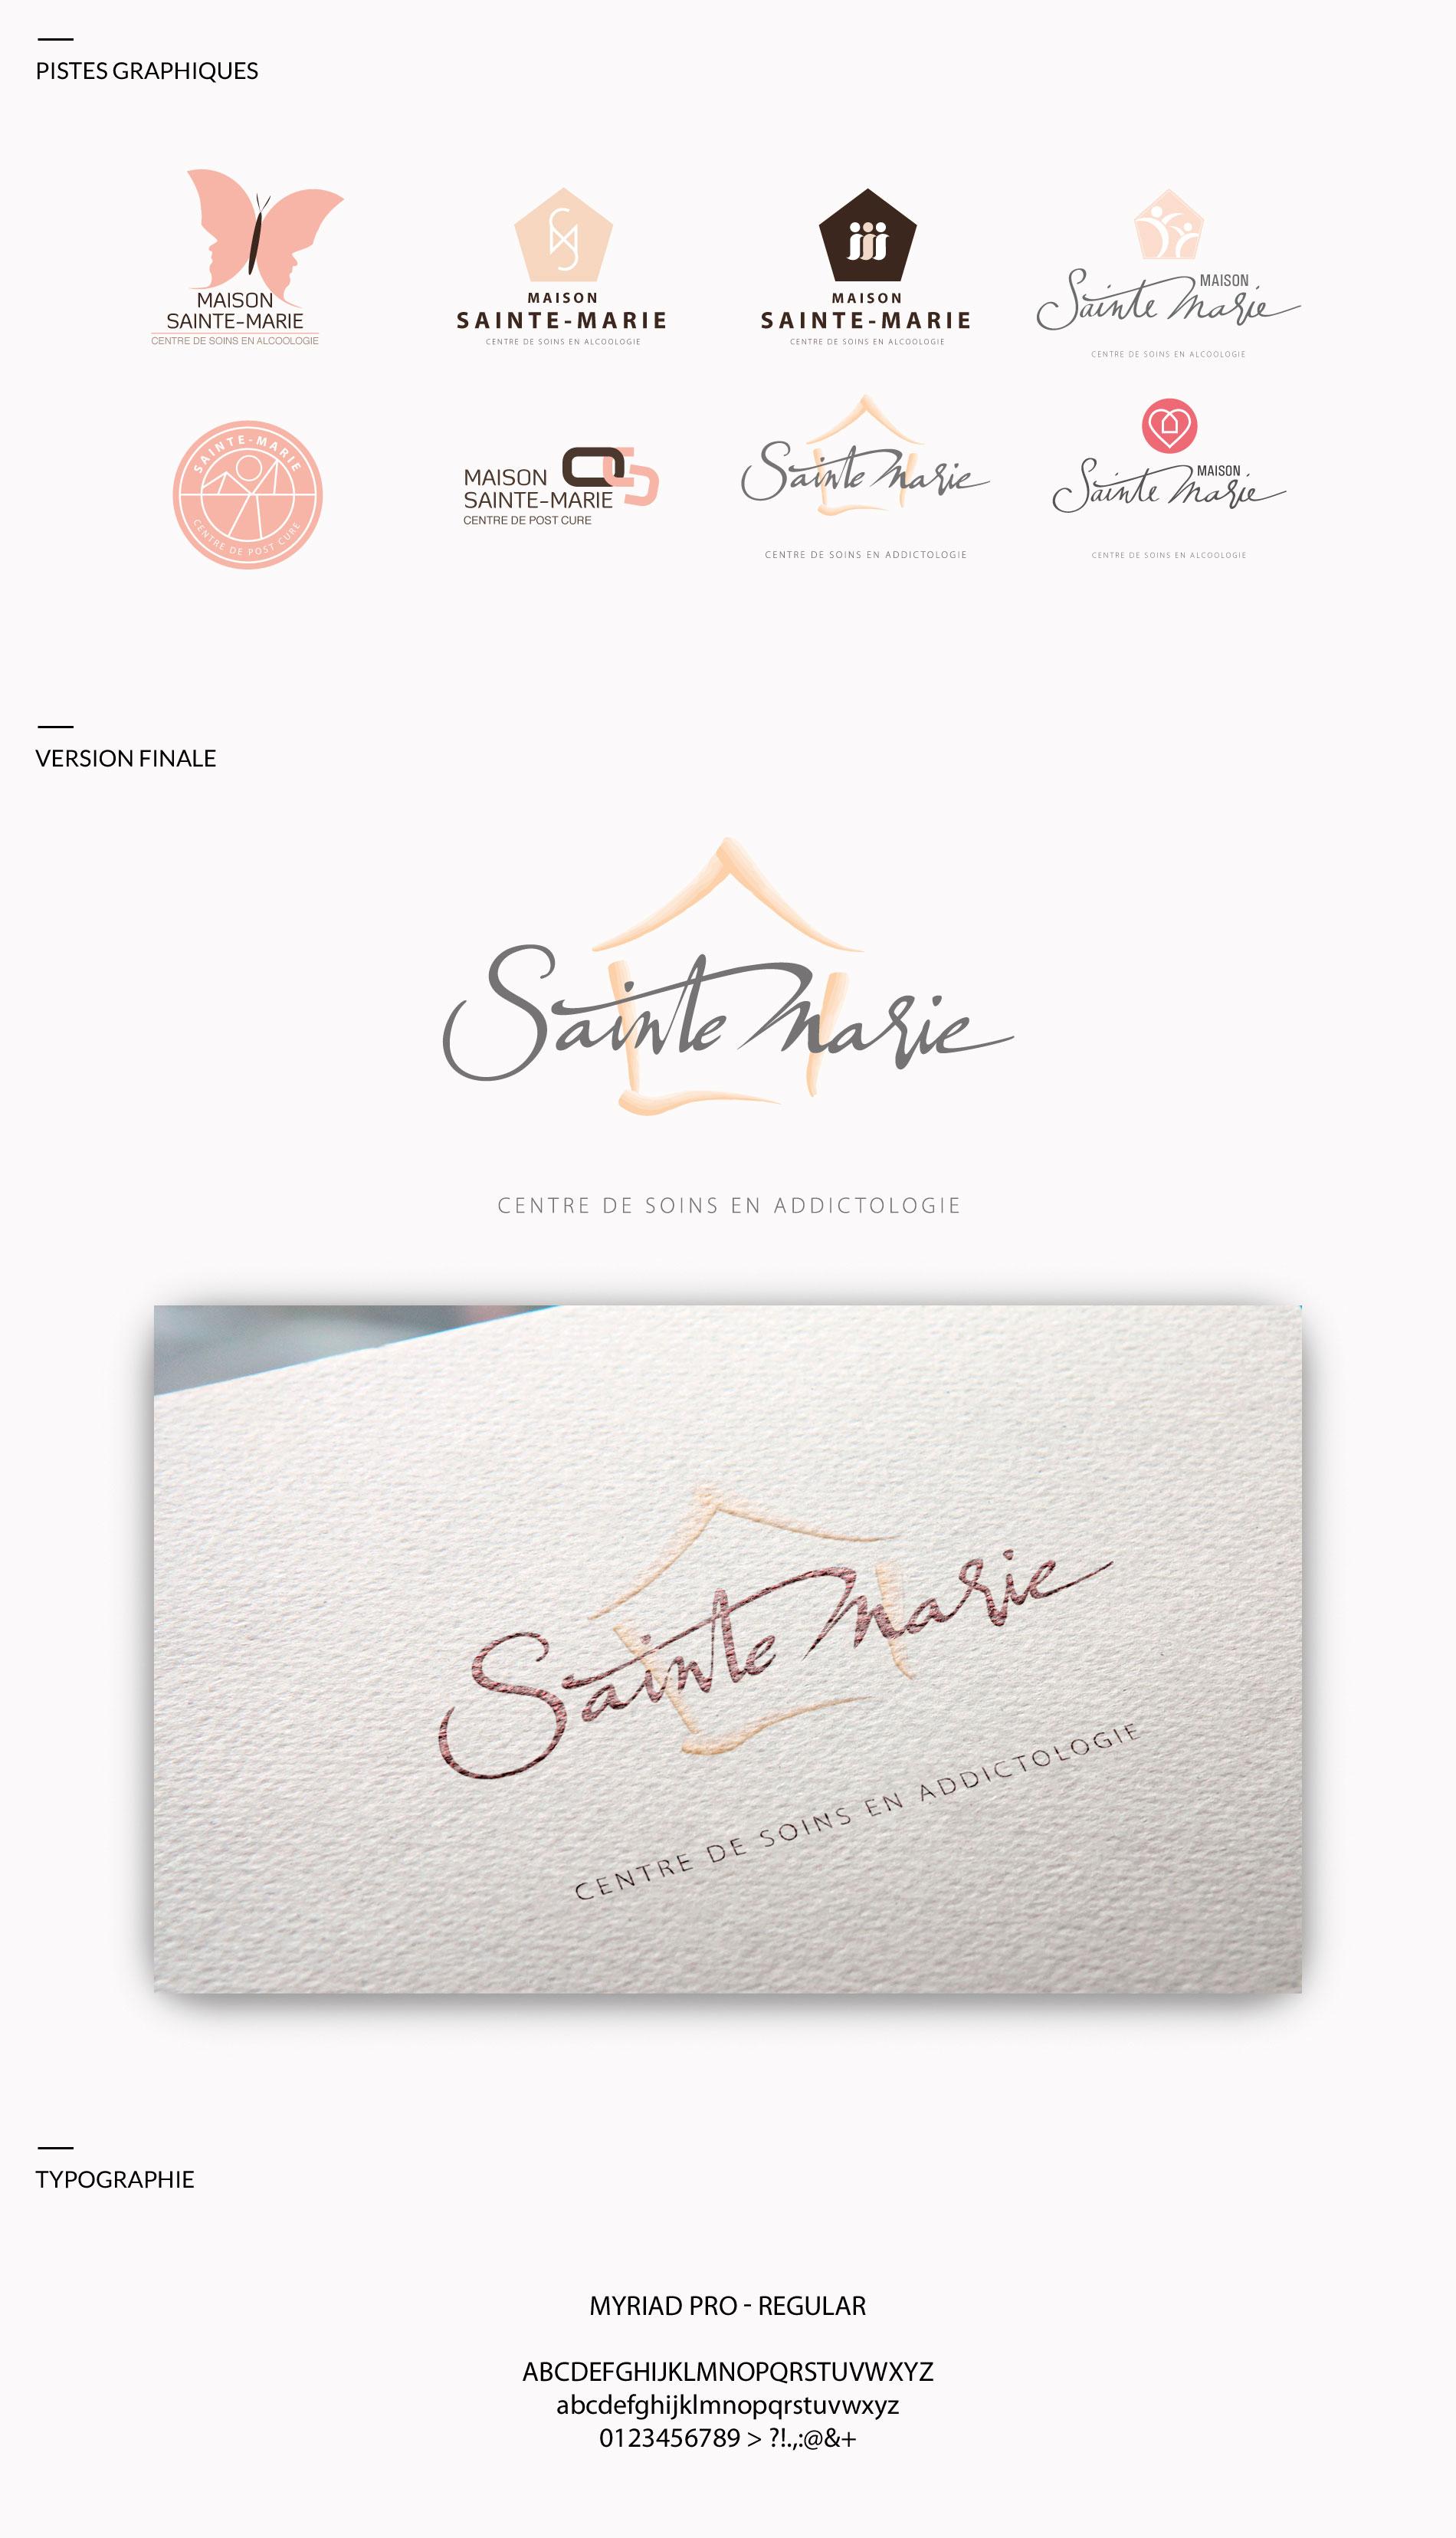 Identité visuelle Maison Sainte-Marie